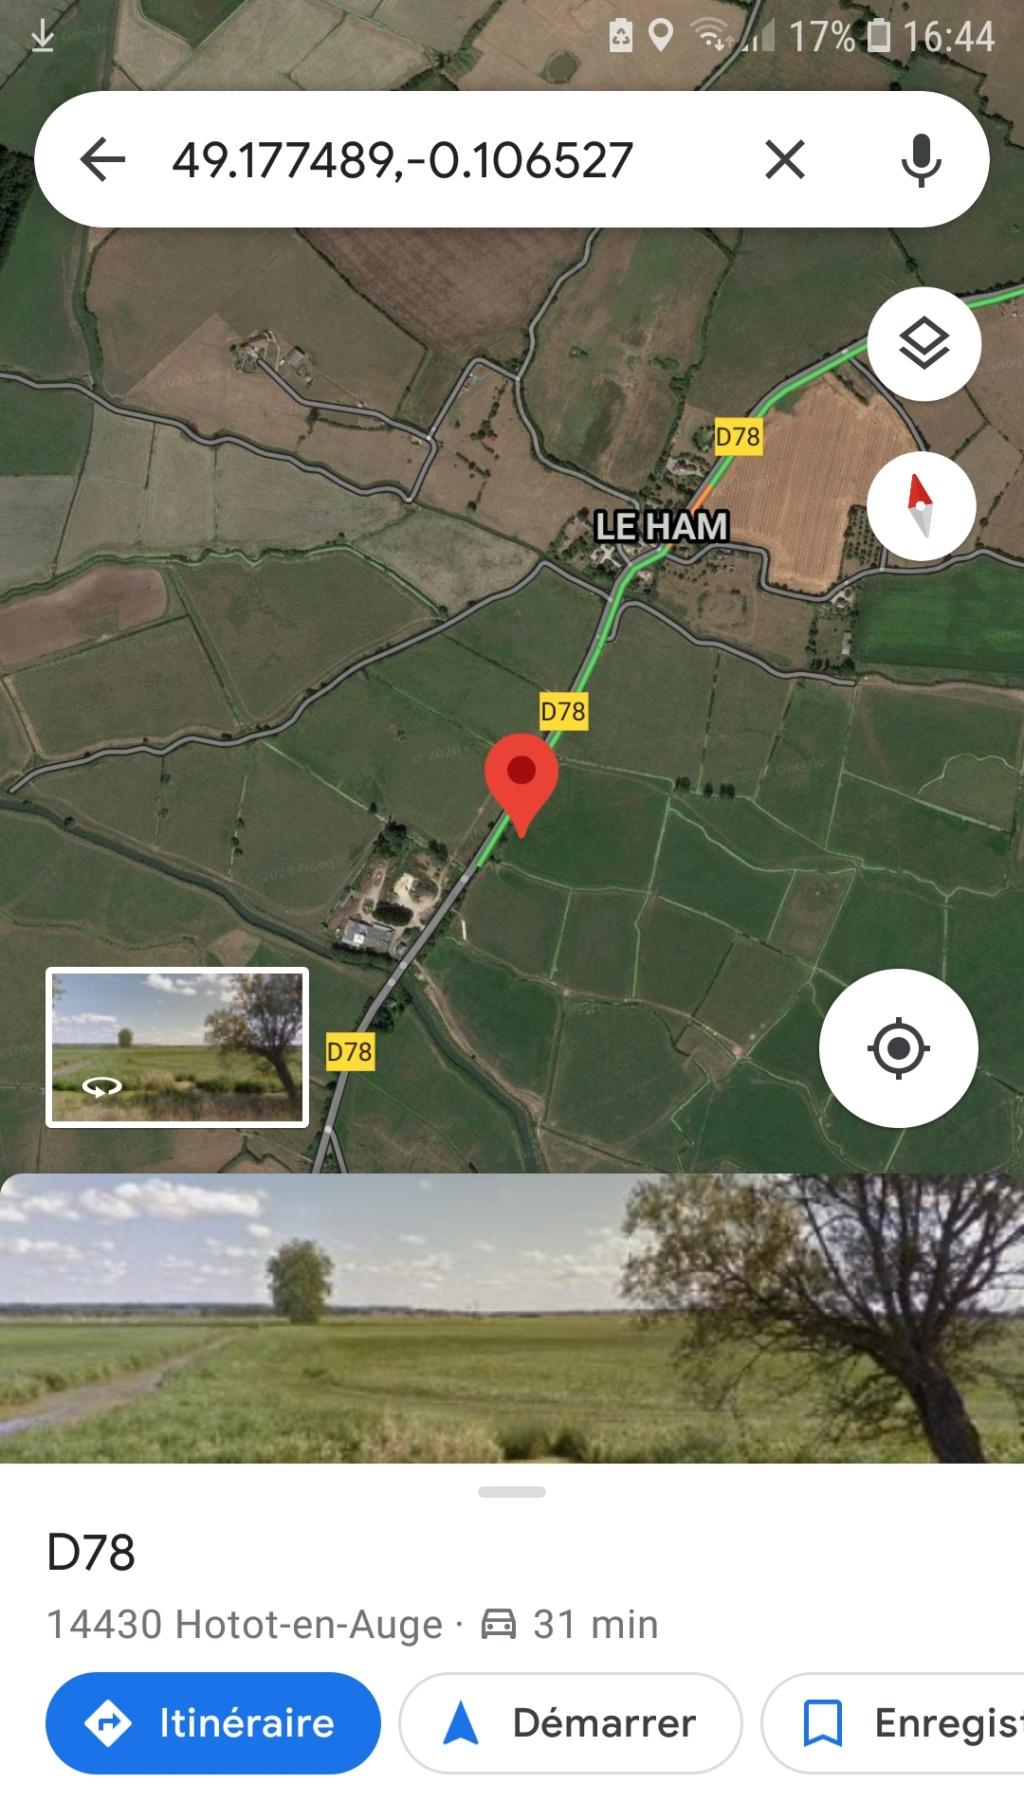 Partage photographique de vos promenades - Page 2 Screen11